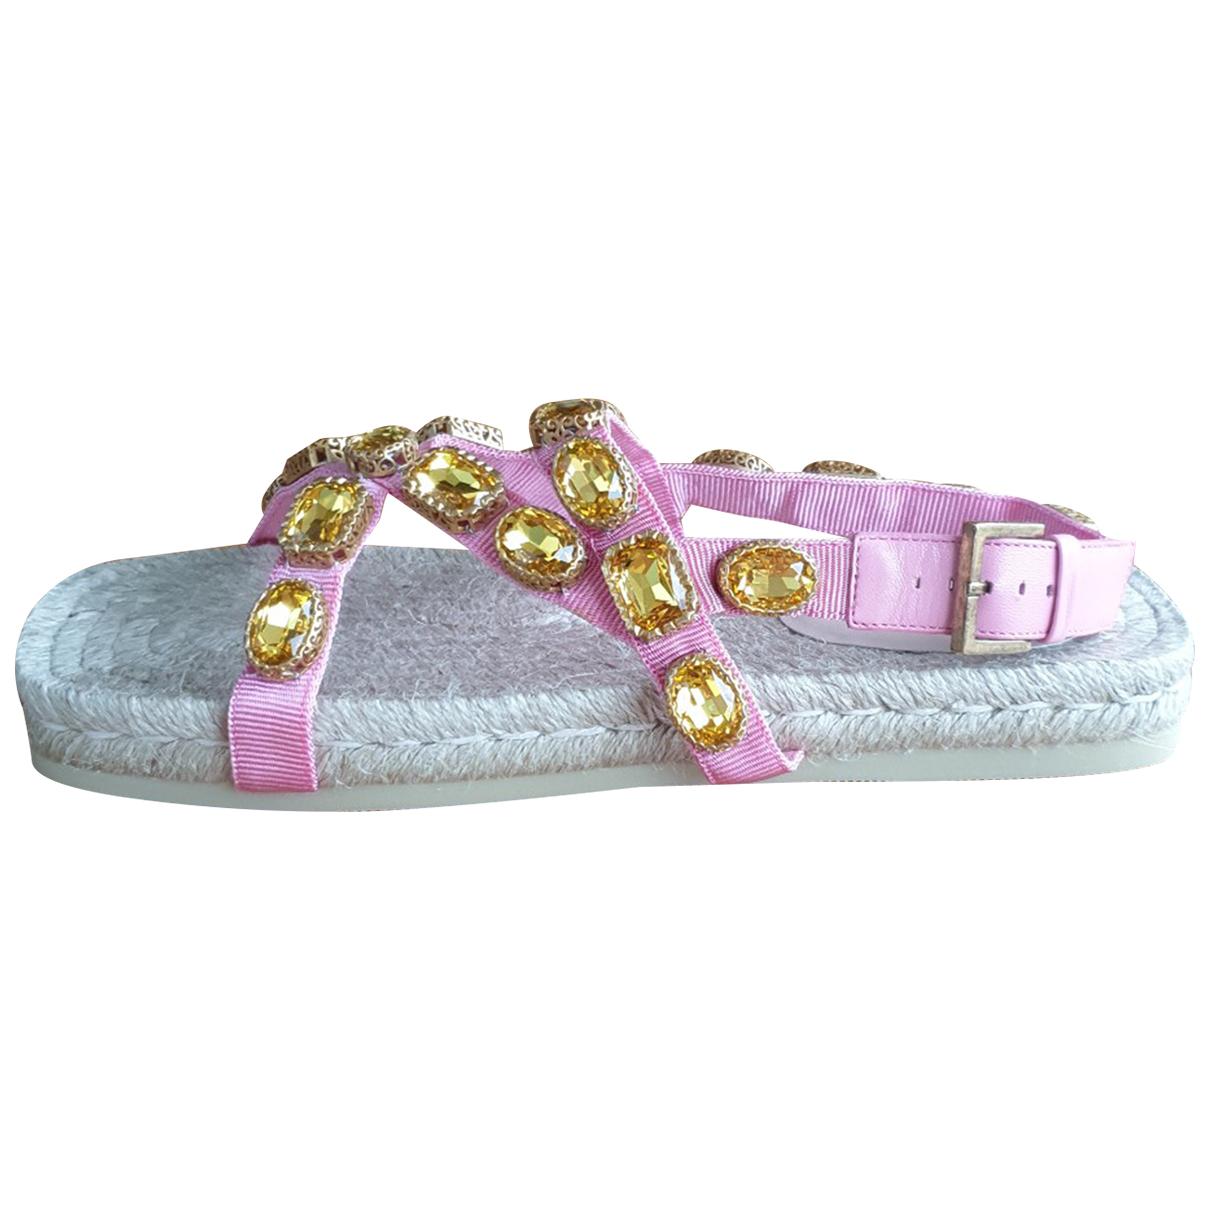 Sandalias romanas de Lona Gucci